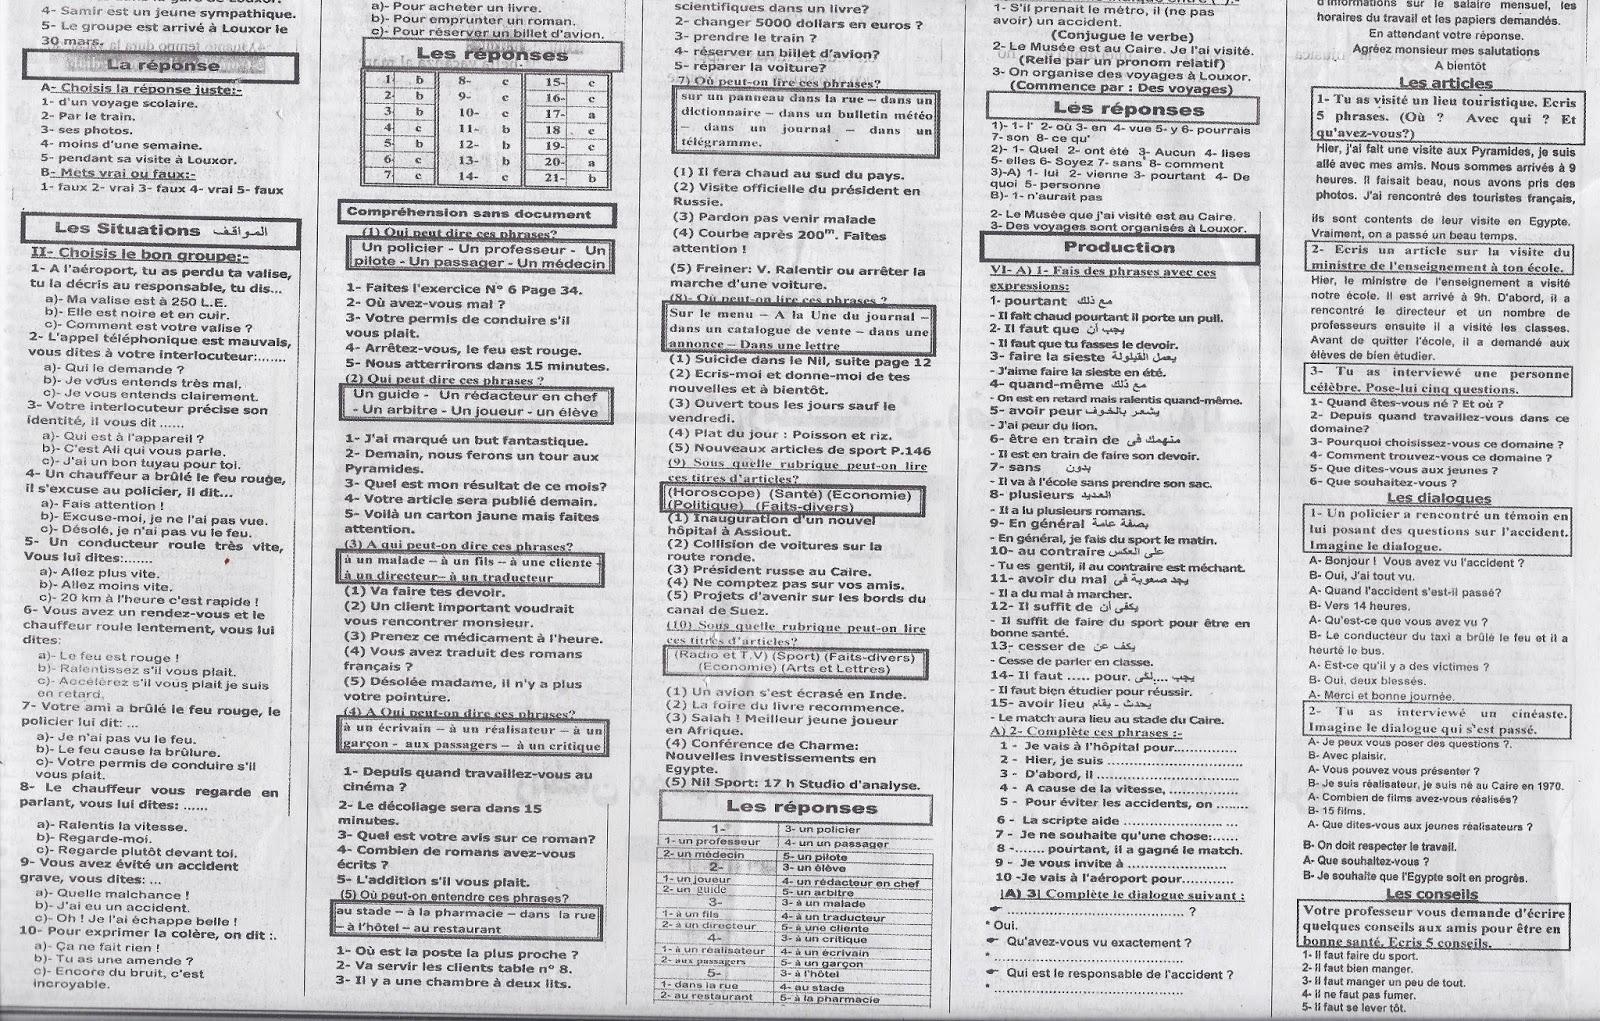 اهم توقعات لغة فرنسية اعدها نخبة من خبراء الامتحانات وصناعة الاوائل لامتحان الثانوية العامة 2015 نظام حديث 2